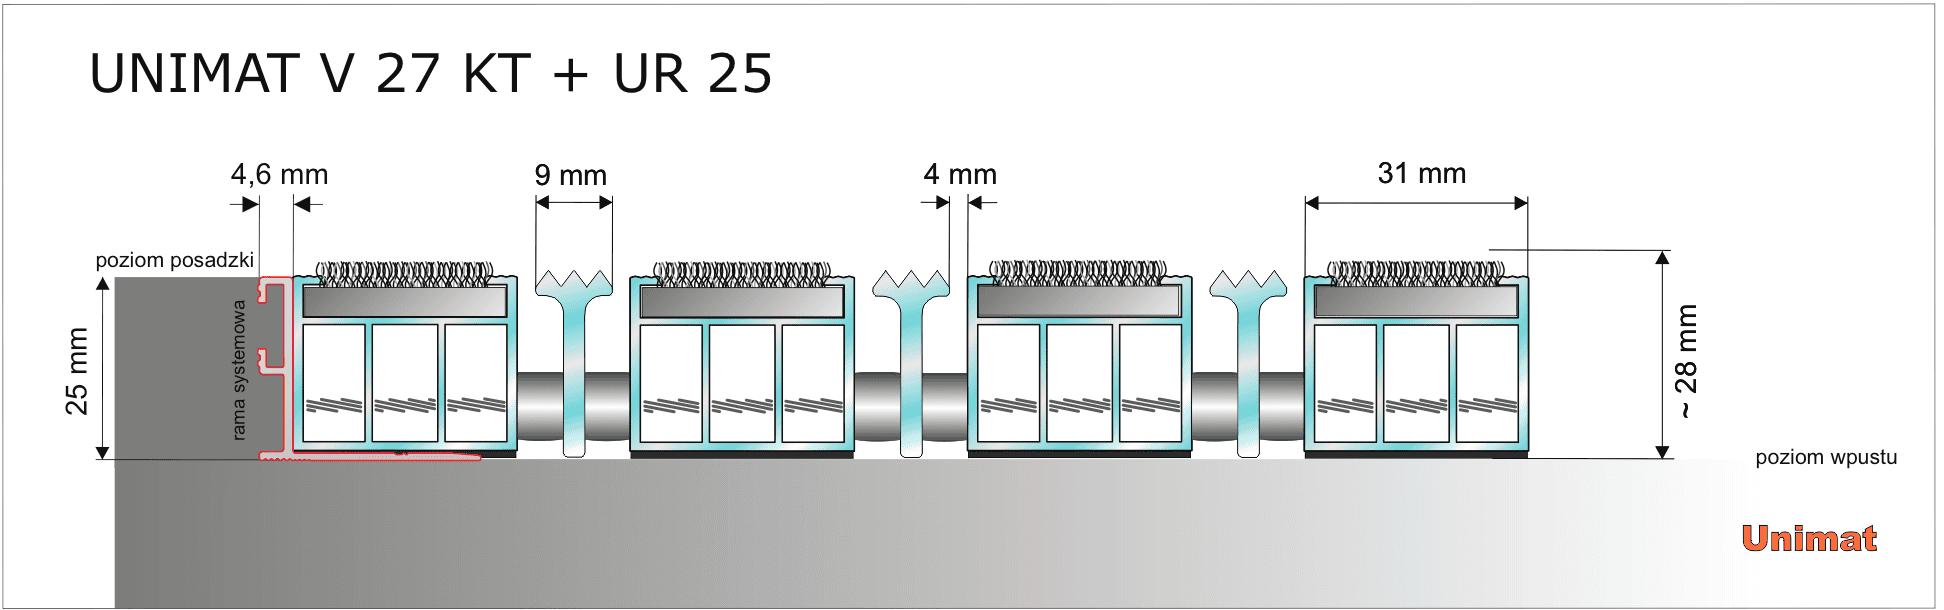 Unimat V 27 KT + UR 25 .png